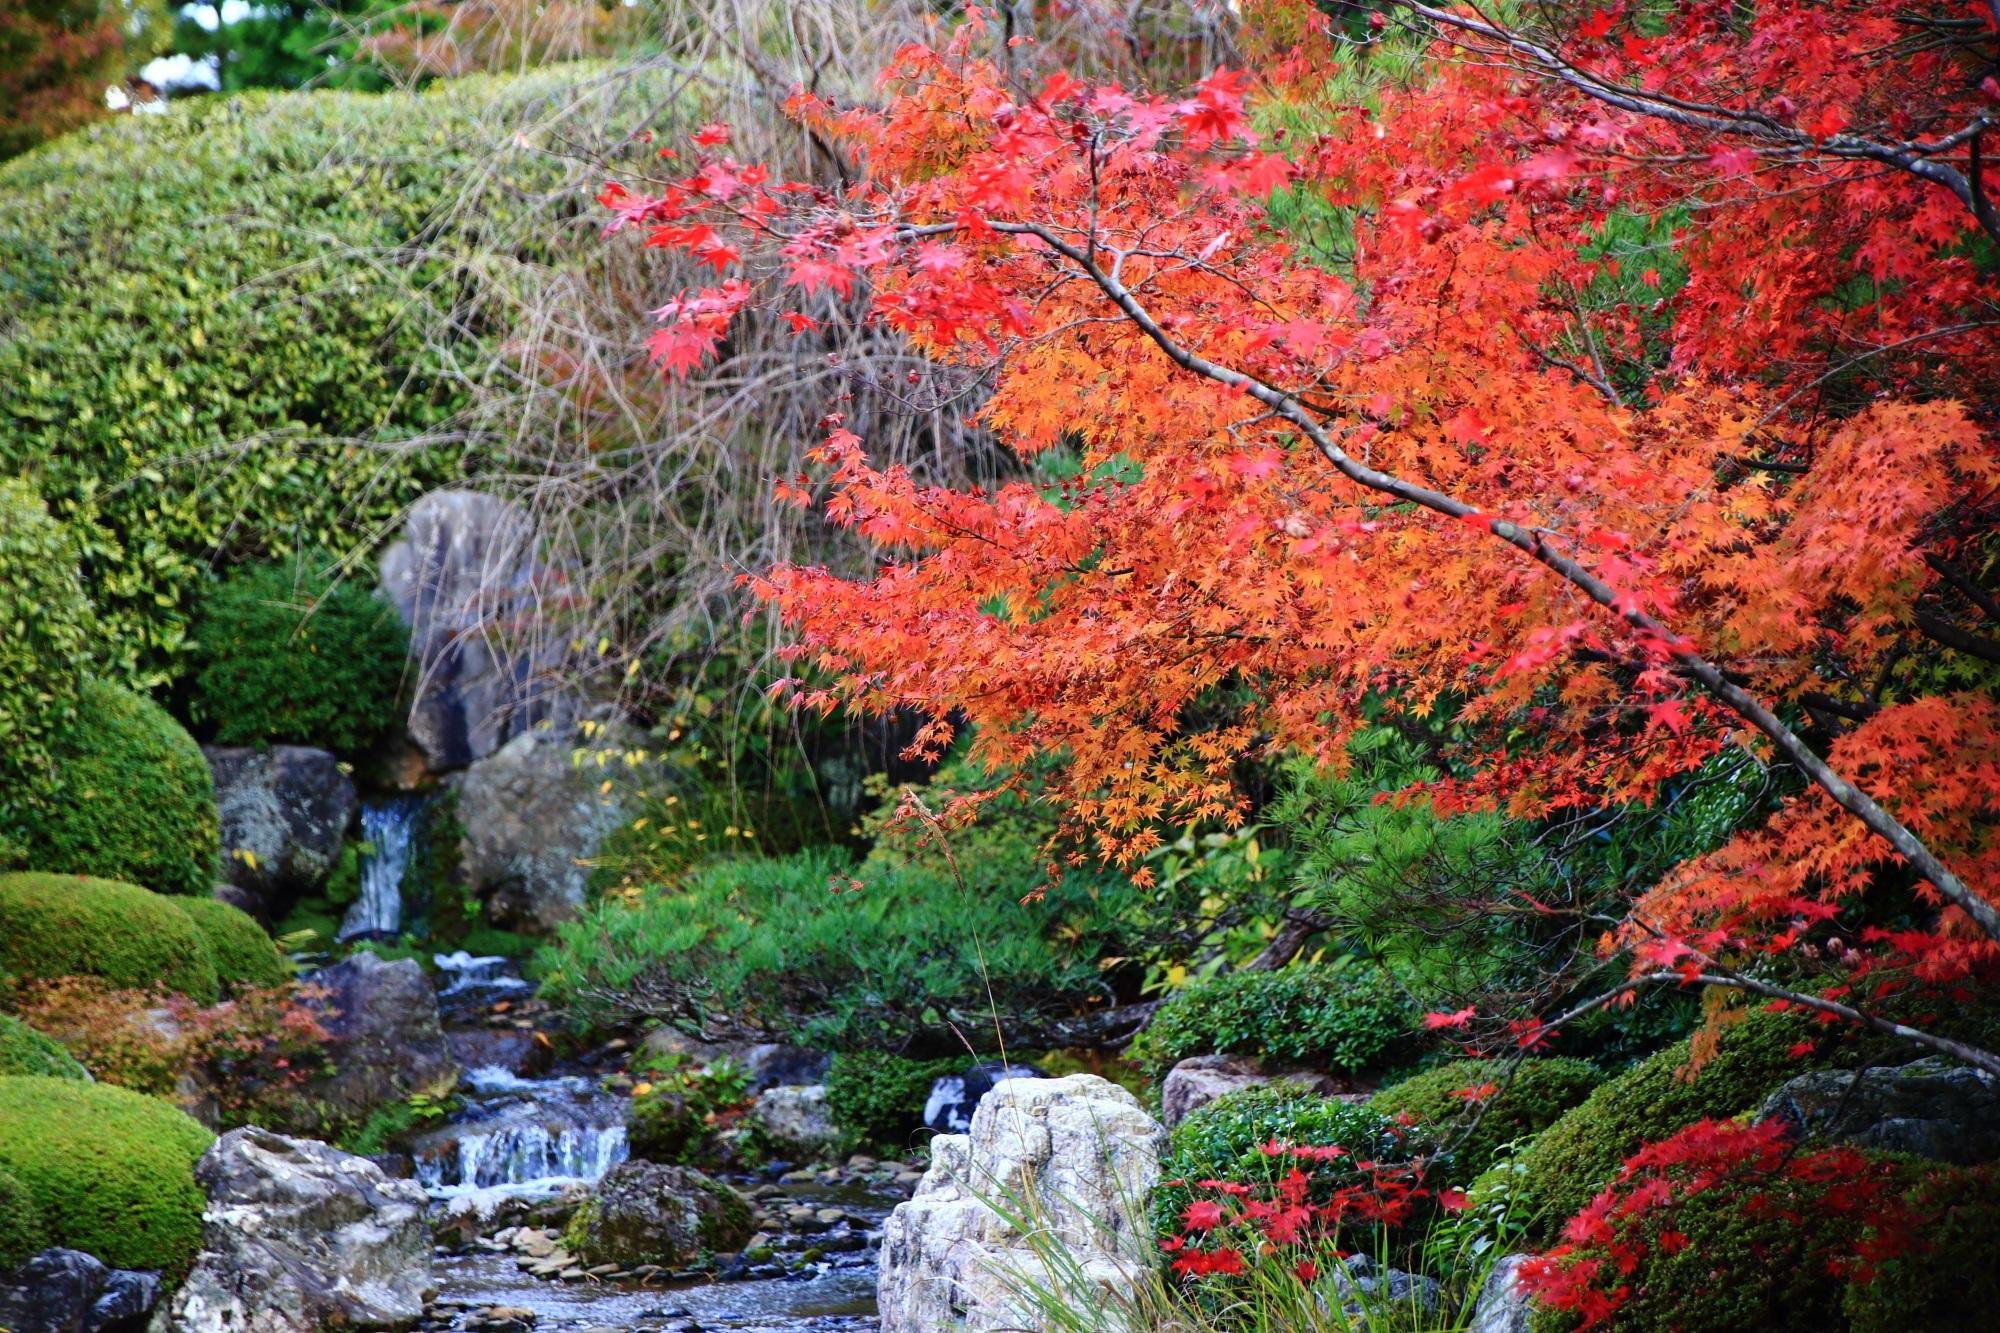 退蔵院の緑につつまれた小川を華やぐ鮮やかな紅葉